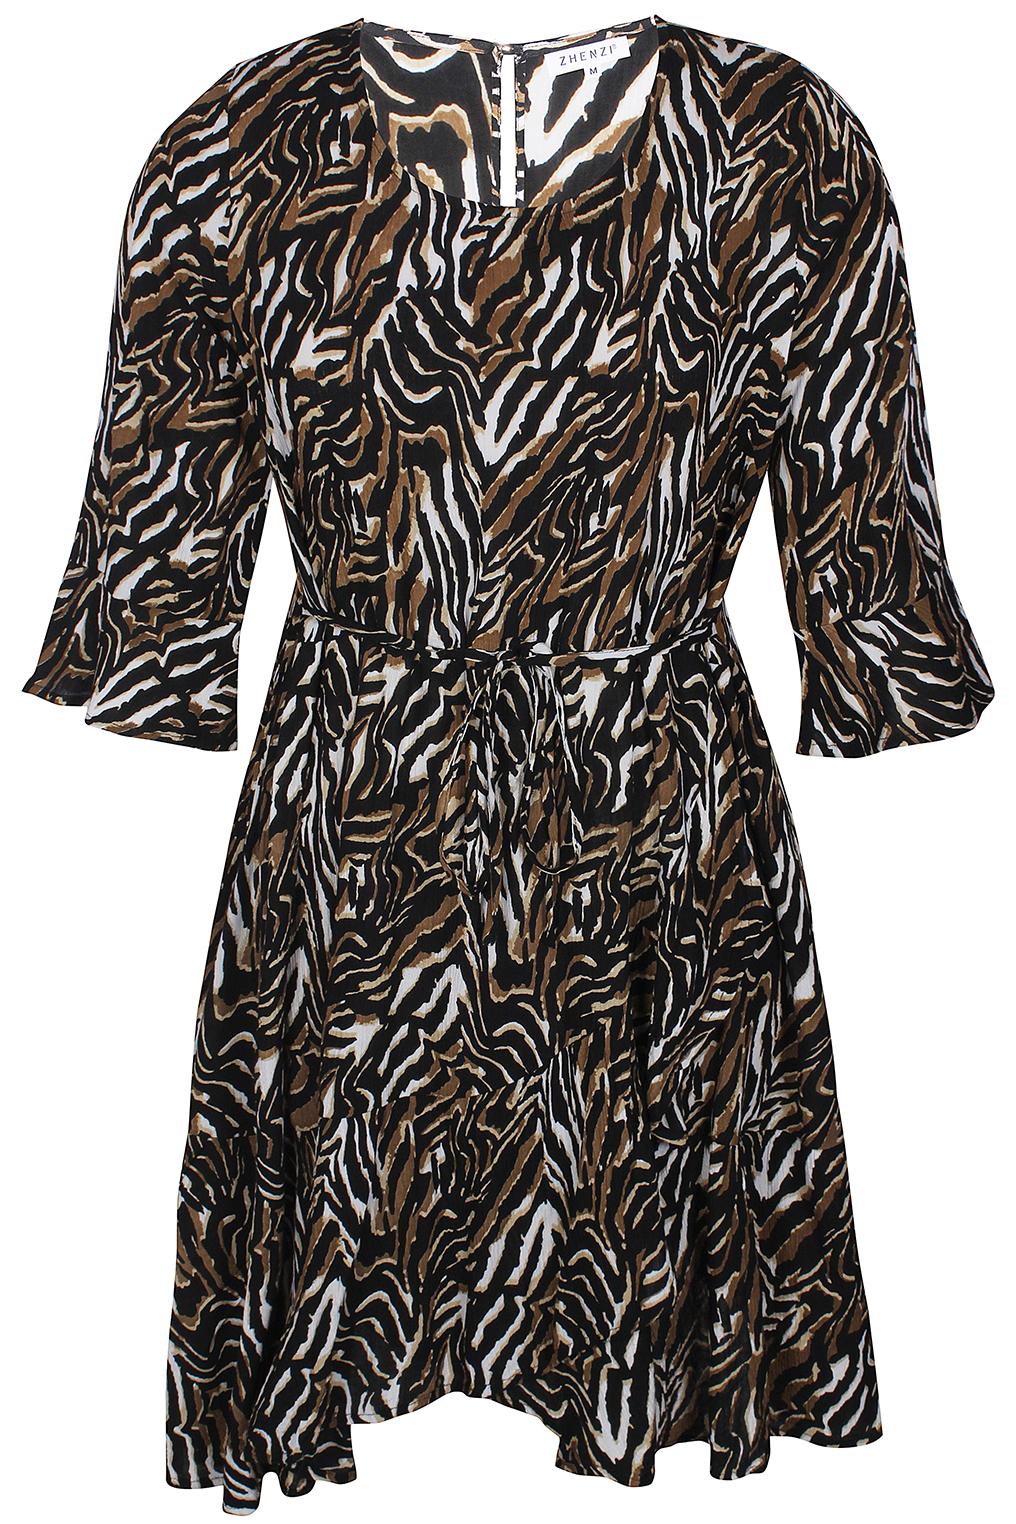 Zhenzi jurk Novah overslag onderkant